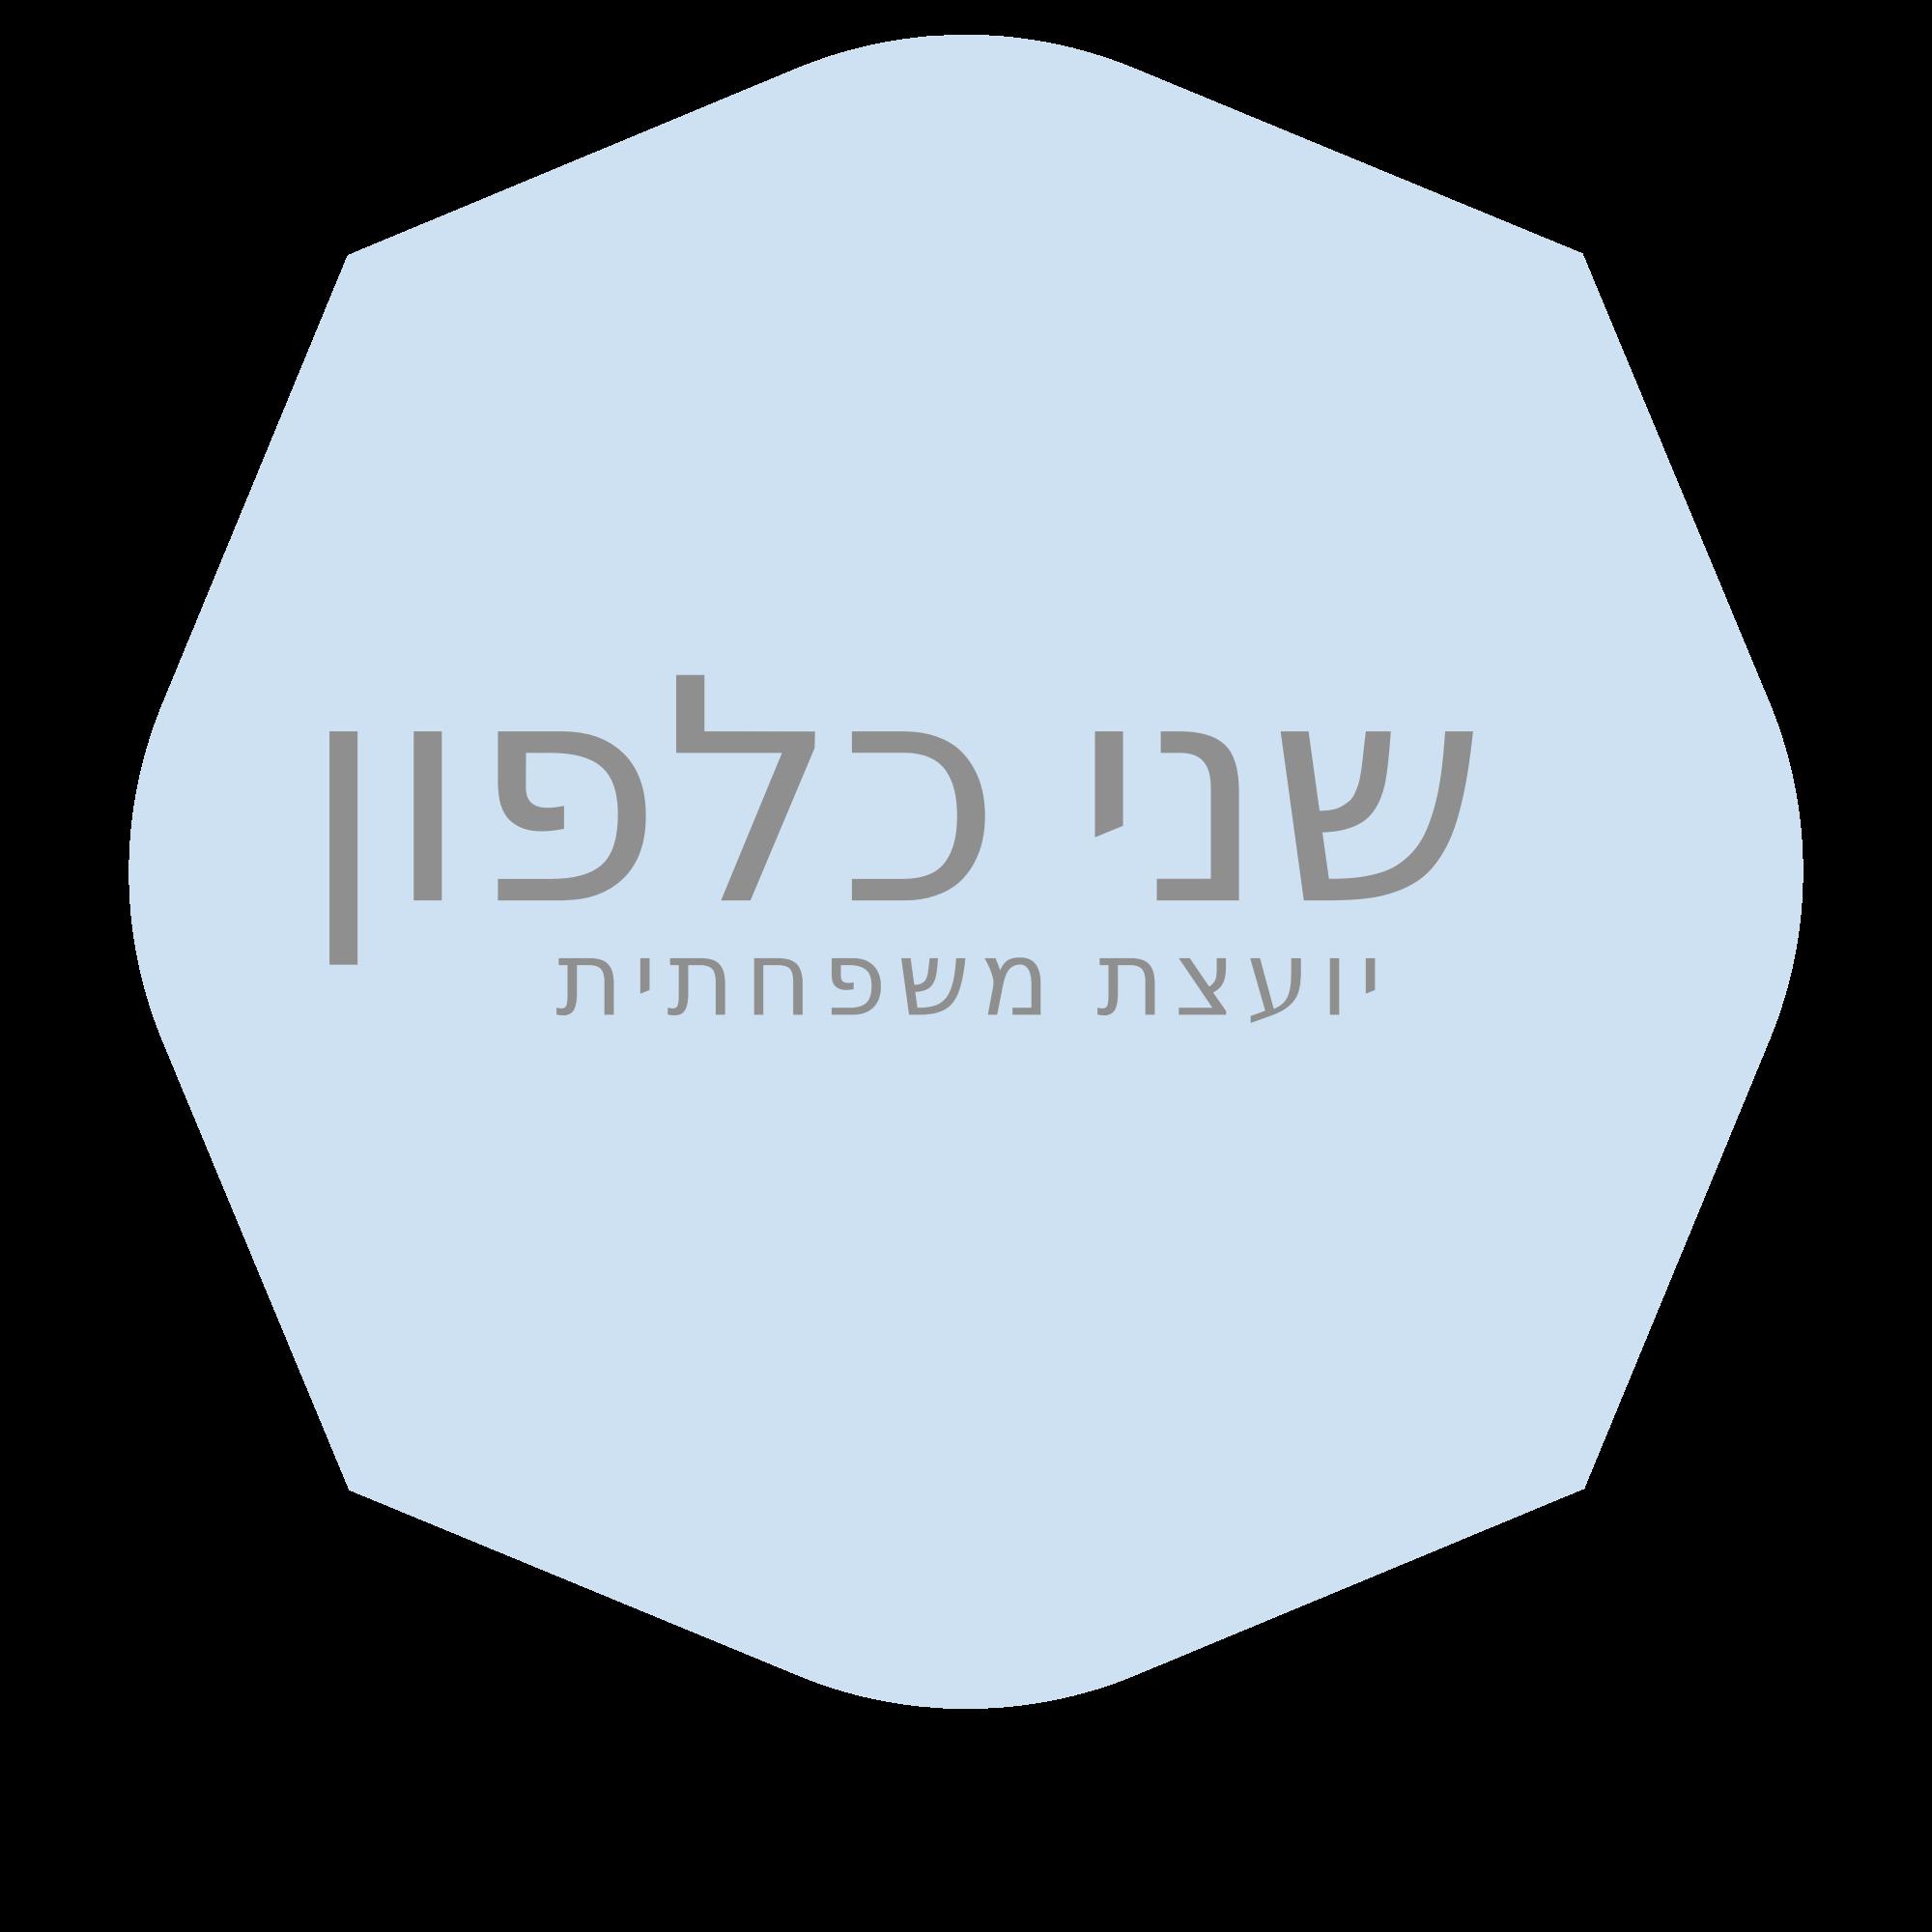 לוגו שני כלפון יועצת משפחתית